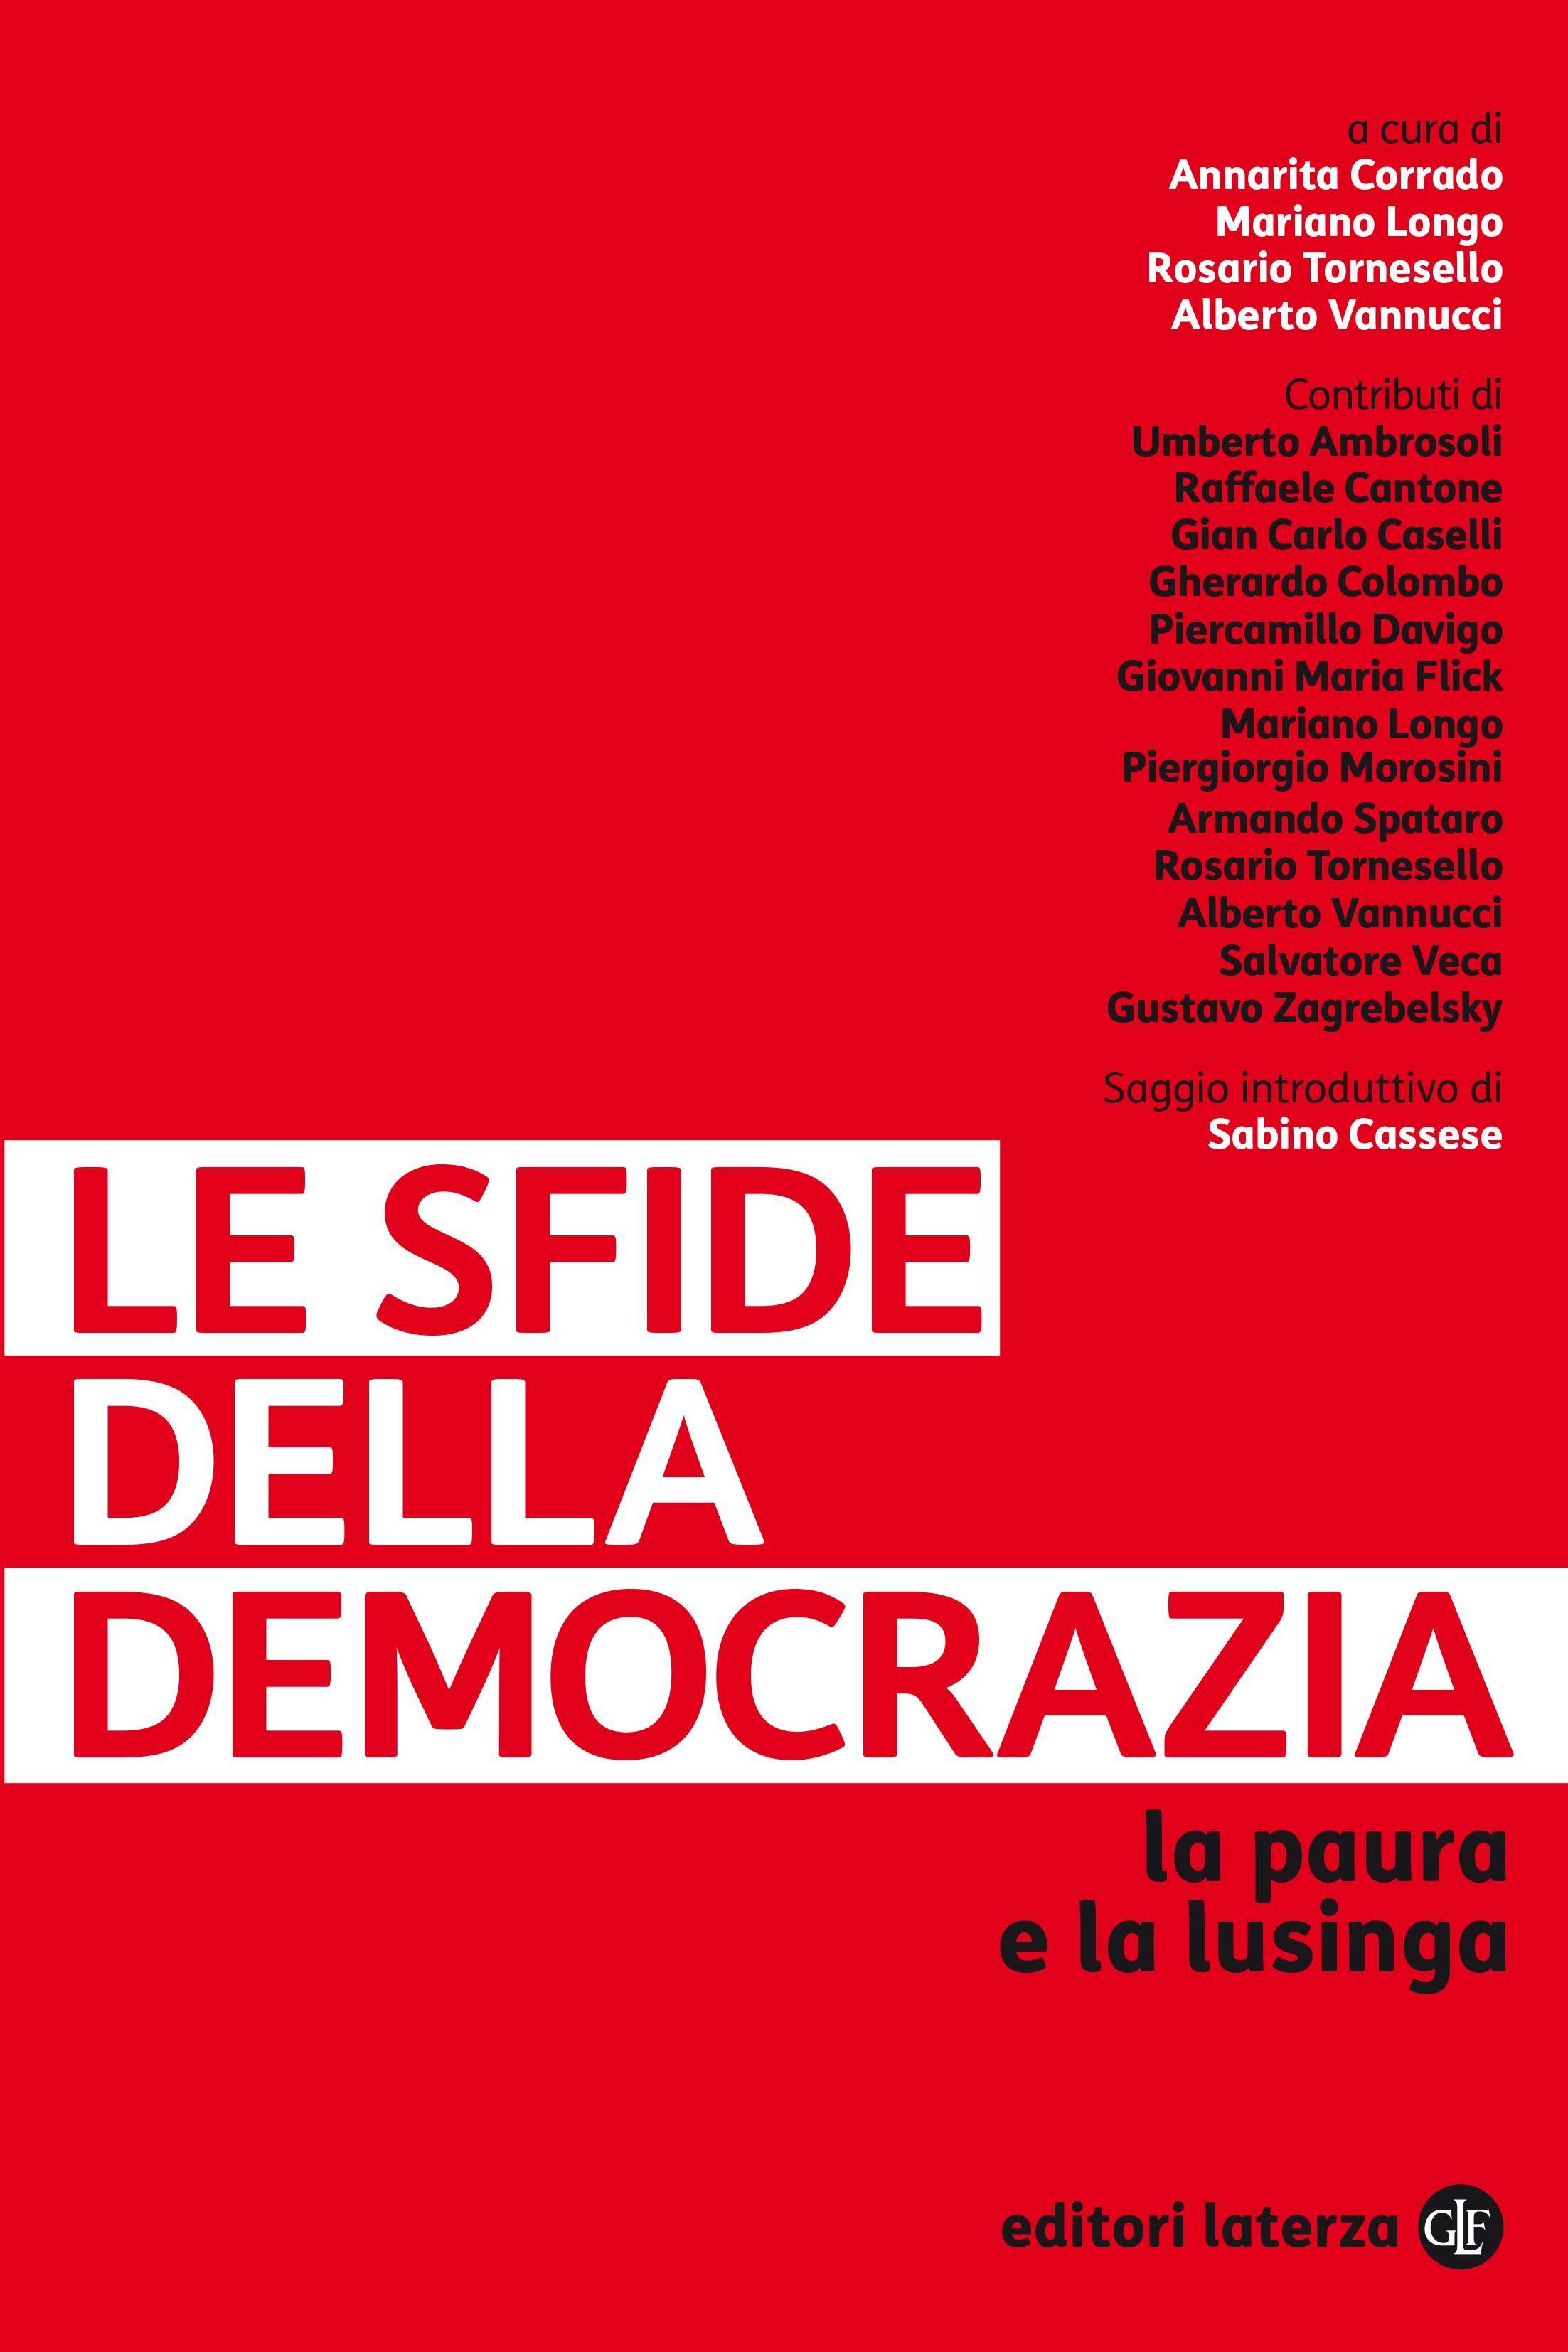 Image of Le sfide della democrazia. La paura e la lusinga